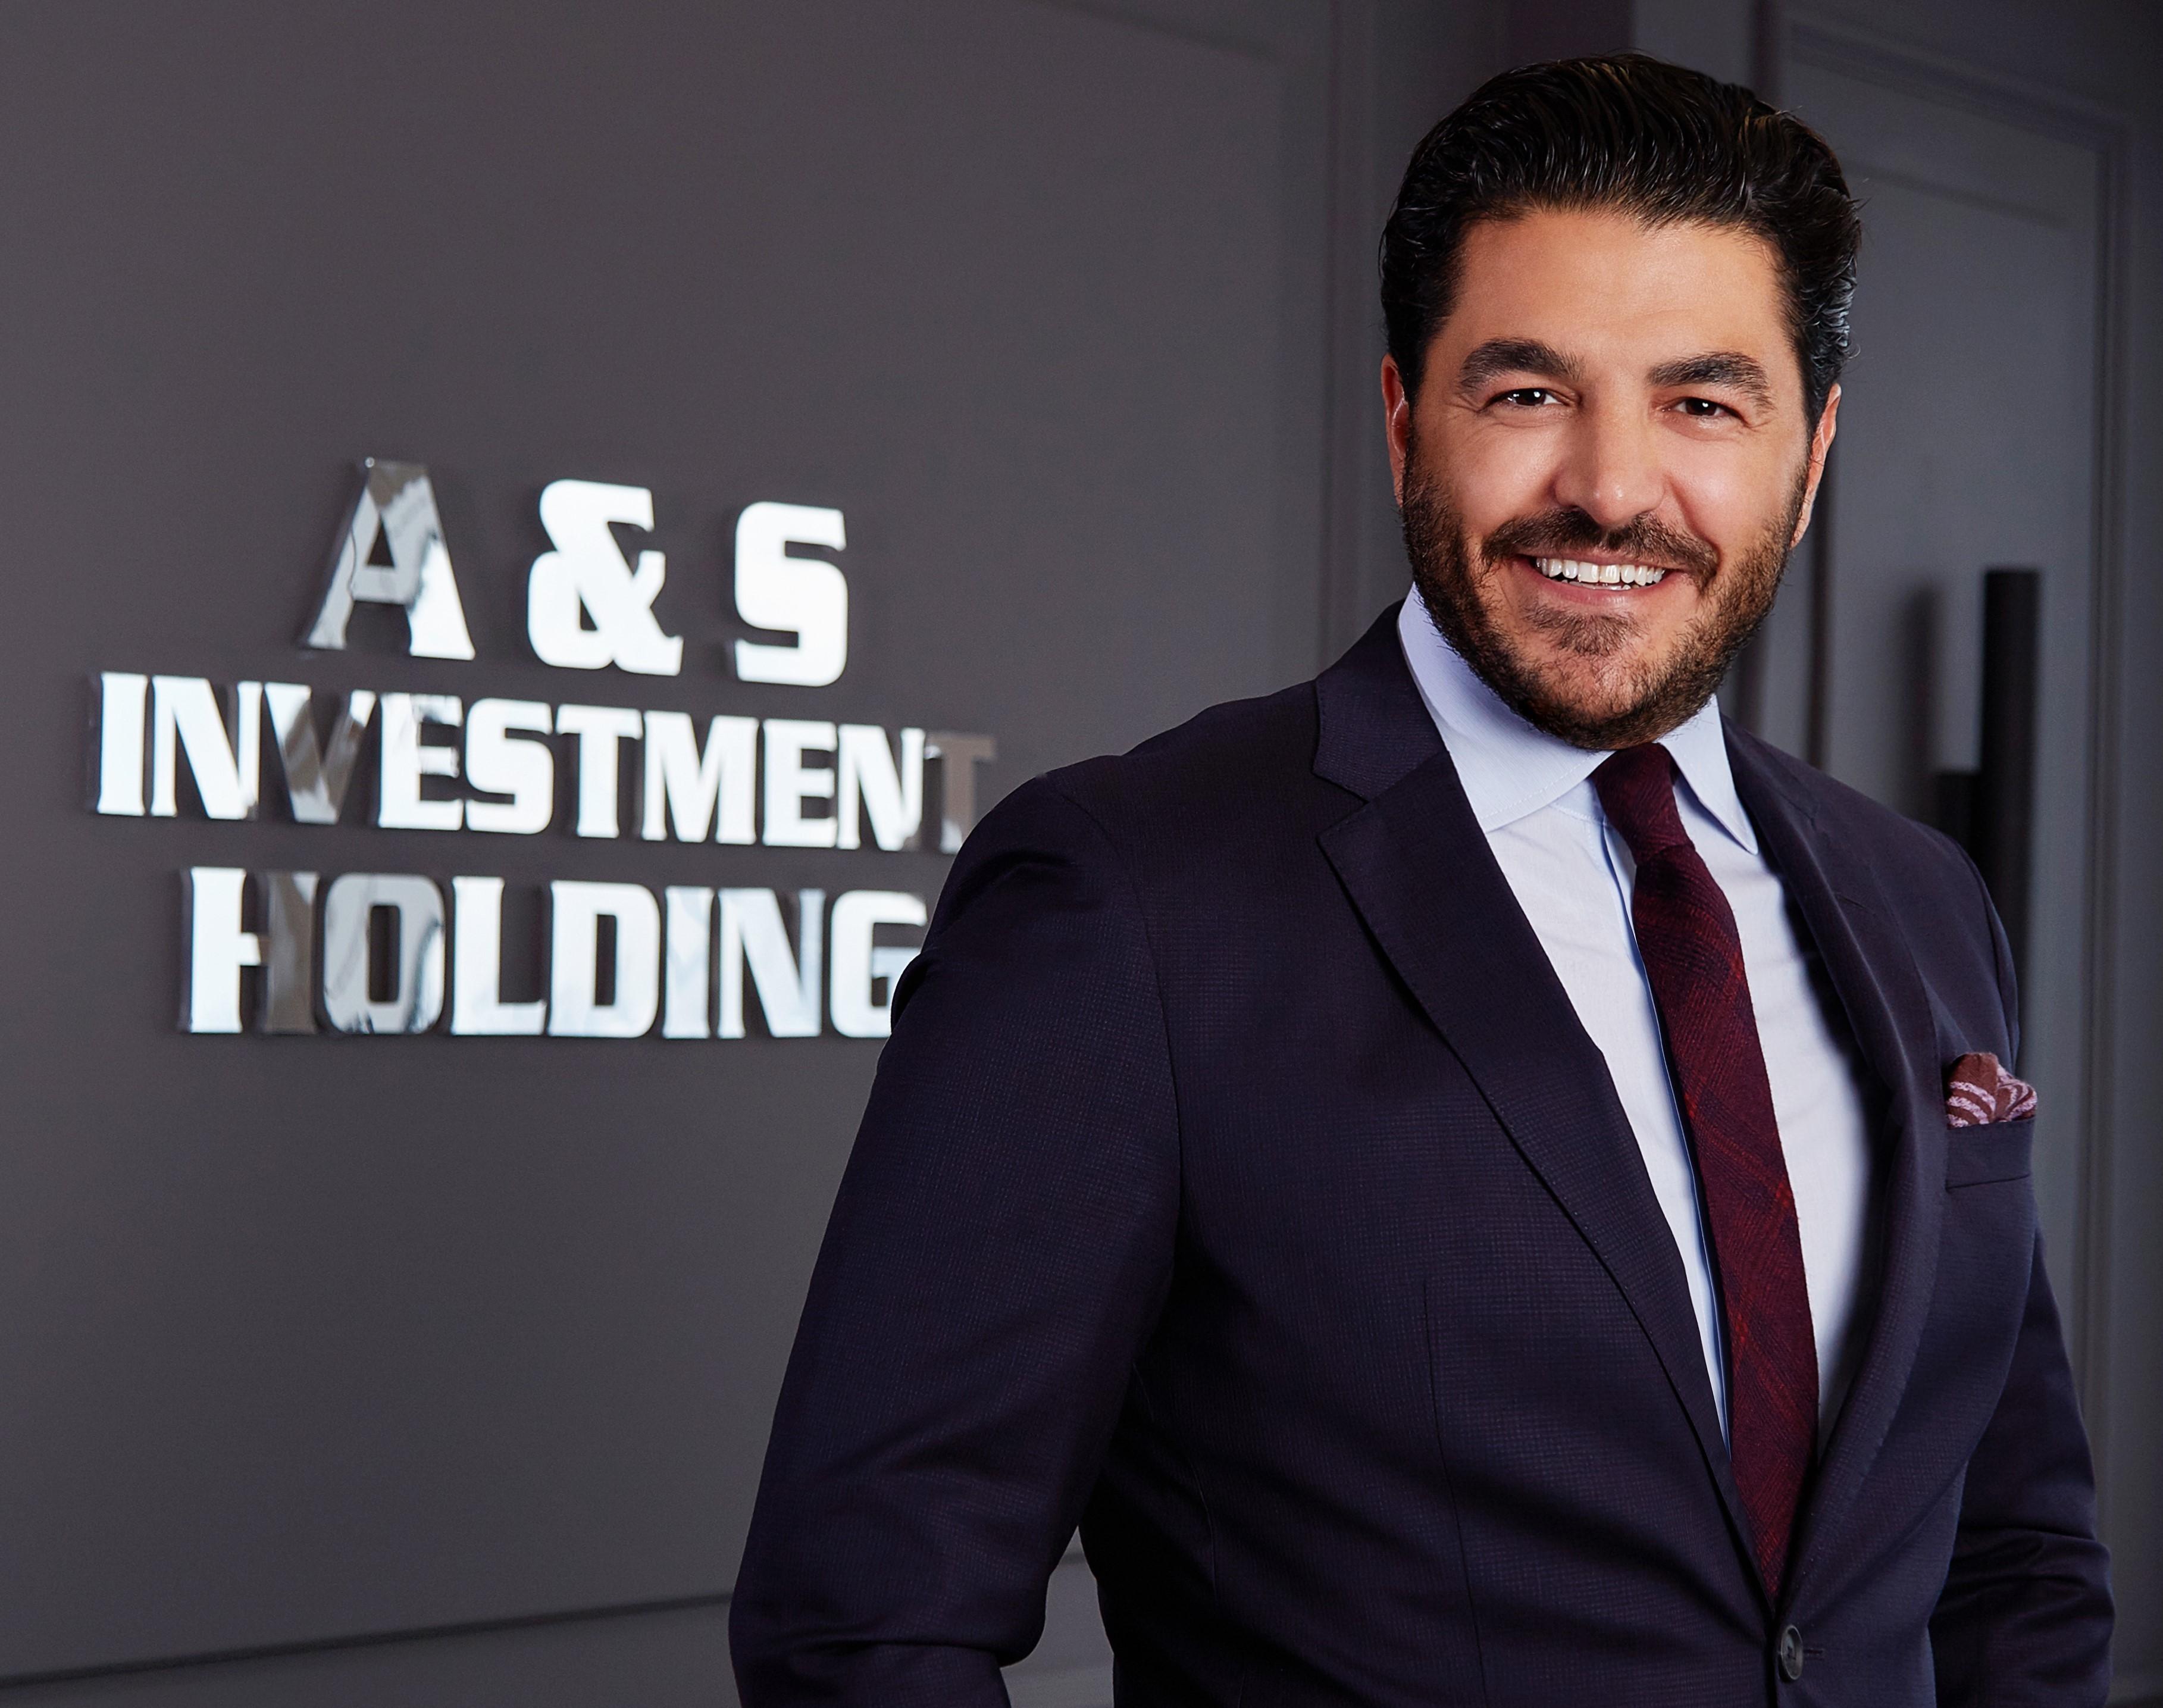 """<p>2021 için 5 banka ve bir yatırım fonuyla anlaşan A&S Yatırım Holding, 220 milyon dolarlık yatırım kredisi ile 3 sektöre yatırım yapacak. Holding, Türkiye'de bilişim-IT, sağlık, gayrimenkul-inşaat sektörlerine toplamda 1 milyar 700 milyon TL yatırım kazandırıyor.<br /><br /></p> <p>2021 için 5 banka bir yatırım fonuyla anlaşma sağladığını açıklayan A&S Yatırım Holding, Türkiye için 220 milyon dolarlık yatırım kredisi çıkardı. 2021 yılı içinde 3 sektöre yatırım yapacak olan A&S Yatırım Holding, bilişim IT, sağlık, gayrimenkul-inşaat sektörlerine toplamda 1 milyar 700 milyon TL yatırım yaparak katma değer sağlayacak.<br /><br /></p> <p>Birçok projeye imza atan A&S Yatırım Holding Yönetim Kurulu Başkanı Uğur Akkuş, 2021'de Türkiye'ye 1 milyar 700 milyon TL yatırım getireceğini açıkladı. Yeni projeler hakkında bilgi veren Akkuş, """"Global Mask markası için 2021'de bayilikler kanalıyla yurt geneline yayılmayı hedefliyoruz. 2021'in ilk aylarında 1 milyar TL'lik yatırımla medikal malzemede plastik hammadde üretim tesisi açacağız. E-ticaret alanında da yatırım yapacağız. Bu yatırımın bedeli ise 20 milyon TL olacak. Bilişim- IT, e-spor, sağlık merkezi, inşaat sektörüne 700 milyon TL ayırmış olup 2021'de toplam 1 milyar 700 milyon TL'lik yatırımı Türkiye'ye getireceğiz"""" şeklinde konuştu.<br /><br /></p> <p><strong>""""NATO'nun resmi maske tedarikçisi olduk""""</strong></p> <p></p> <p>Yazılan kötü senaryolara rağmen 2020'yi yatırım yılı olarak değerlendiren Akkuş, """"Ülkemizin siyasi ve ekonomik gücüne inanarak bu süreci az hasarla atlatacağımıza her zaman inandık. Global Mask adında Türkiye'nin en büyük maske üretim tesisini Hadımköy'de açtık. Global Gloves markasıyla eldiven üretimini üstlendik. Pandemi döneminde en çok ihtiyaç duyulan medikal malzeme alanında ilk yatırımı biz gerçekleştirdik. NATO'nun resmi maske tedarikçisi olduk. Ülkemizi gururlandıracak birçok ilke imza attık. A&S Yatırım Holding olarak 2020'de farklı alanlarda birçok ilki gerçekleştirdik. Ülkemizin yarınlarına """